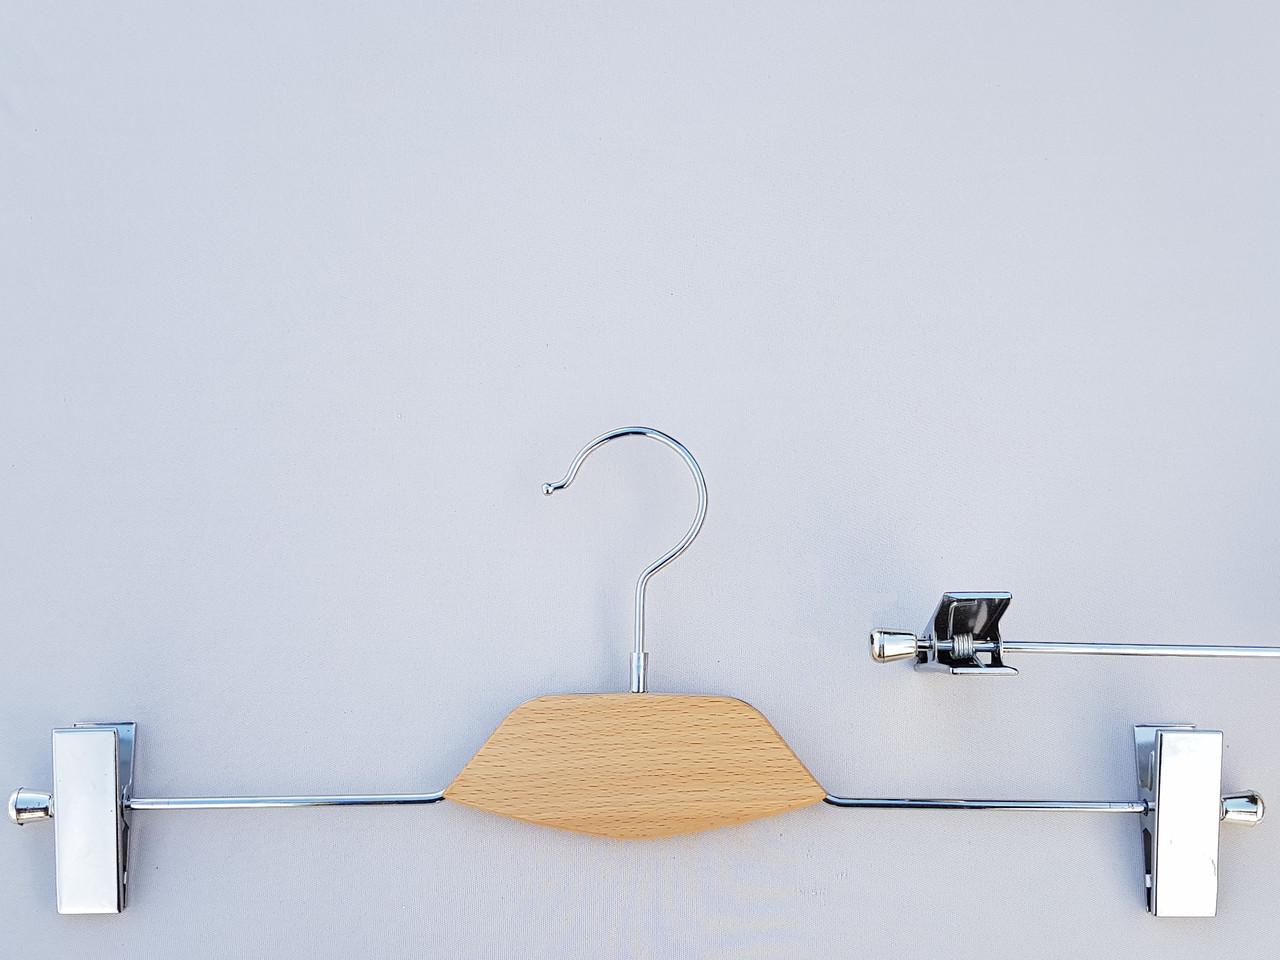 Длина 40 см. Плечики вешалки тремпеля металлический со вставкой из светлого дерева, для брюк и юбок